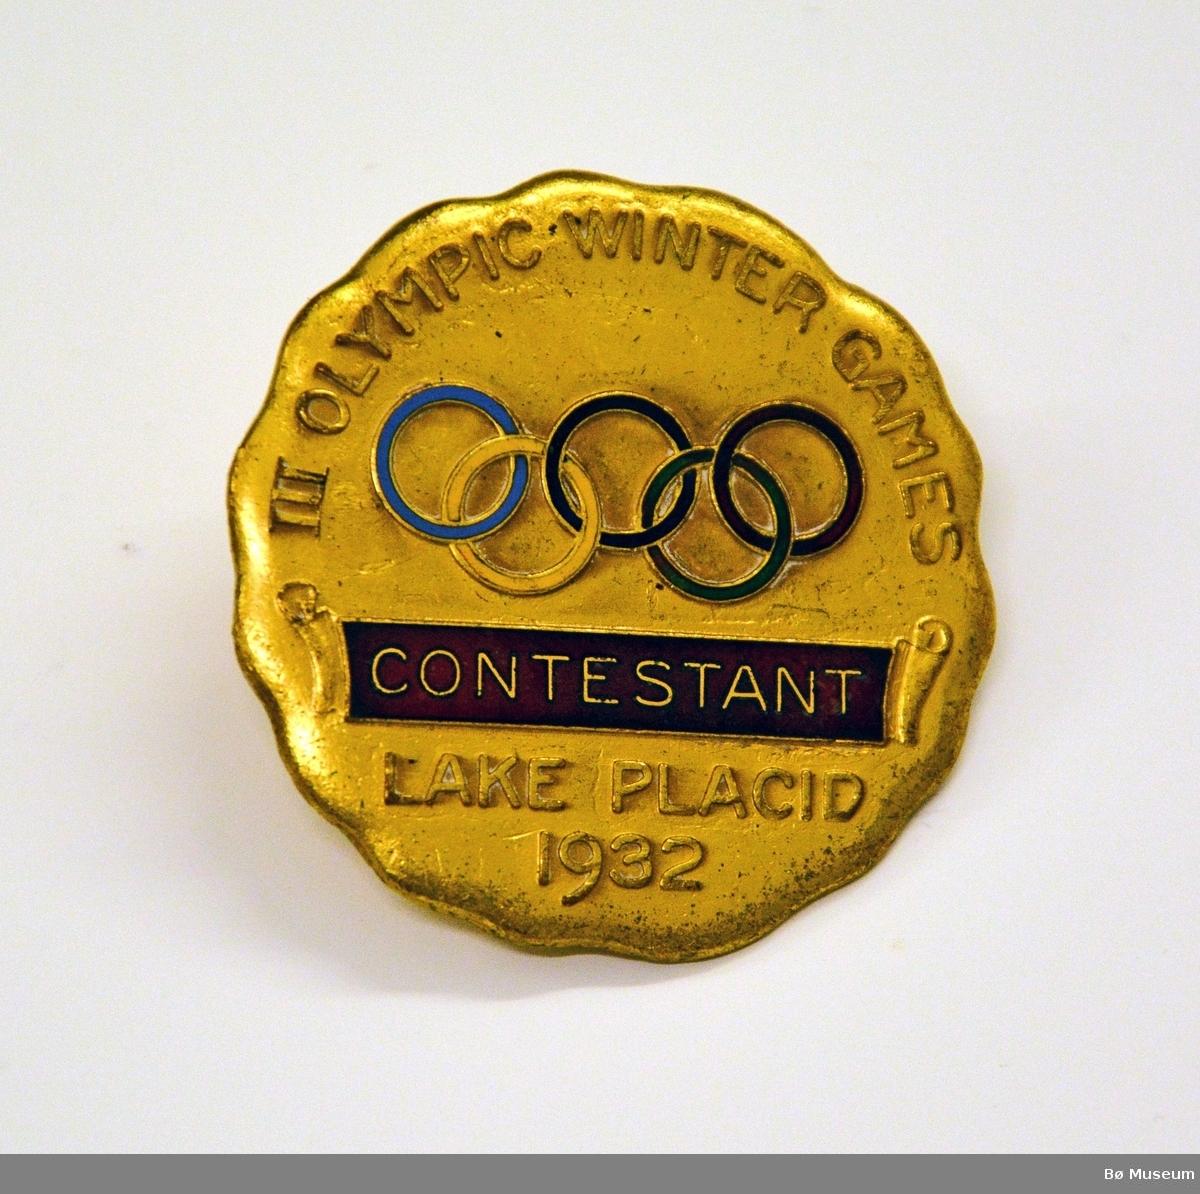 Minnemedalje (pin) fra Lake Placid OL 1932, Innskrift: III OLYMPIC WINTER GAMES LAKE PLACID 1932 - CONTESTANT og OL-ringene.